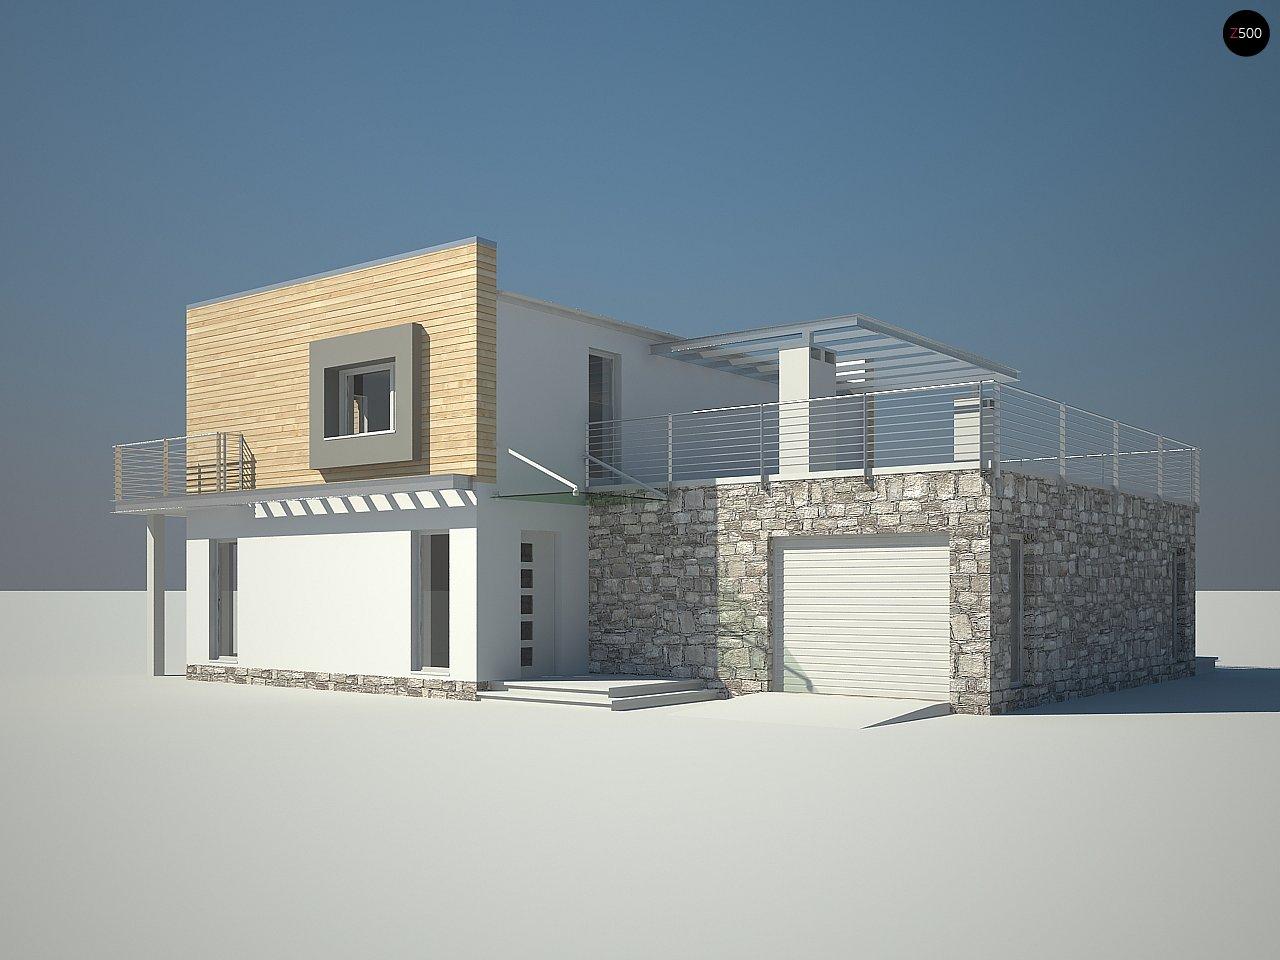 Оригинальный дом в современном стиле с обширной террасой над гаражом. - фото 3